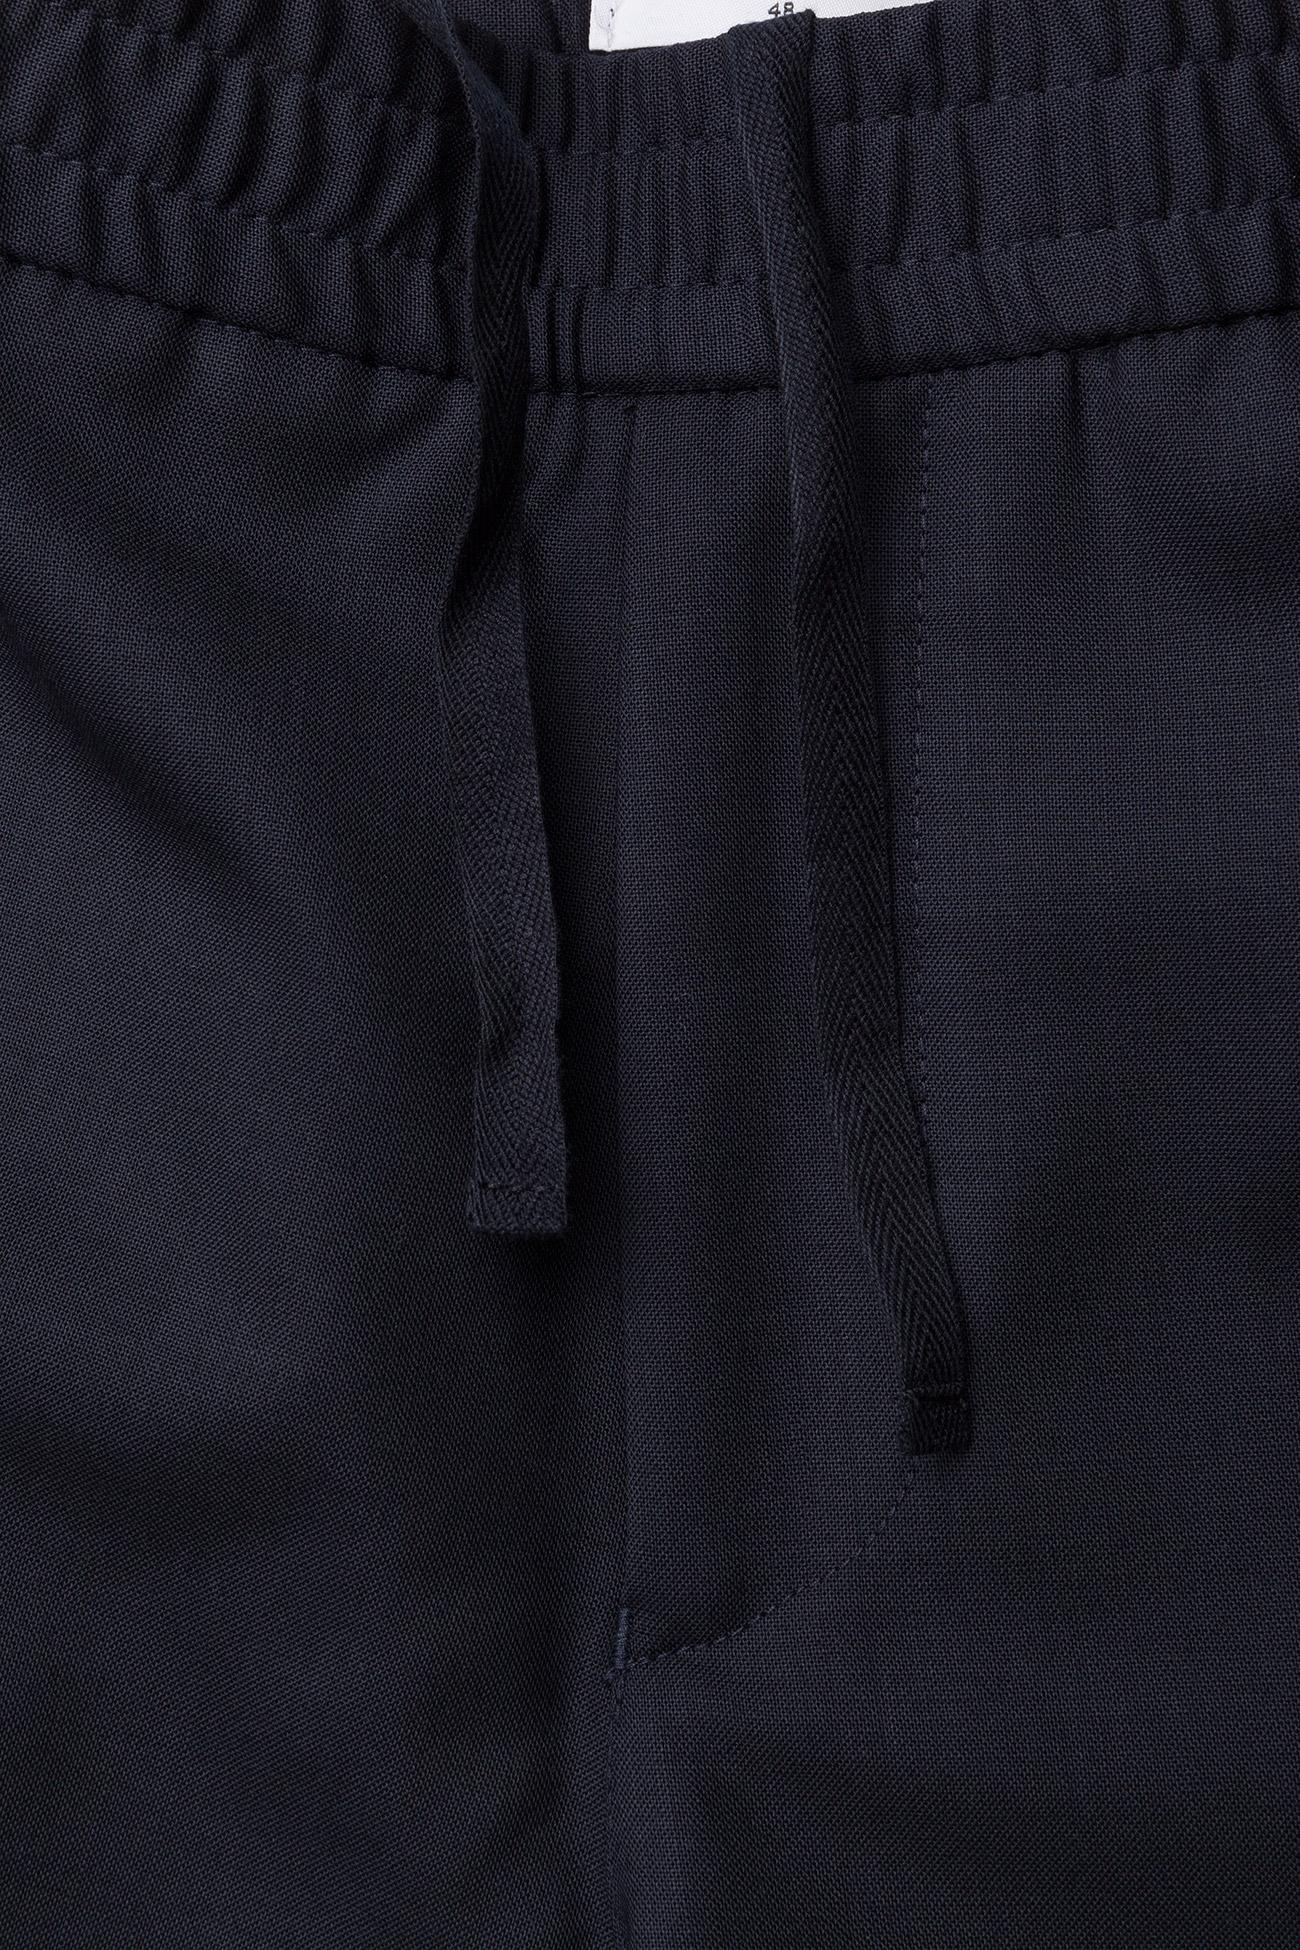 Filippa K M. Terry Cool Wool Trouser - Bukser HOPE - Menn Klær